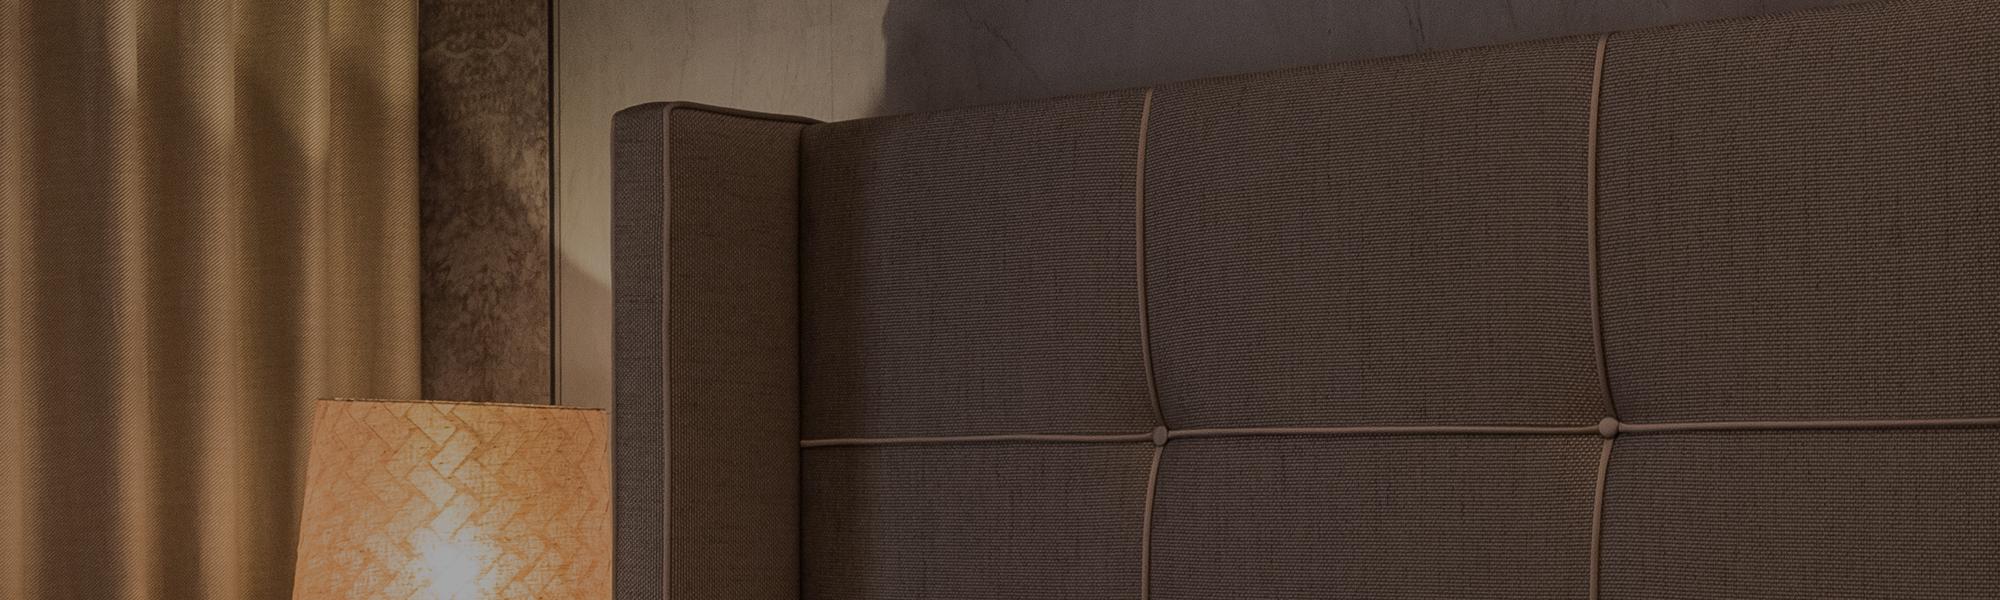 extras & options Extras & Options colunex cozy headboards